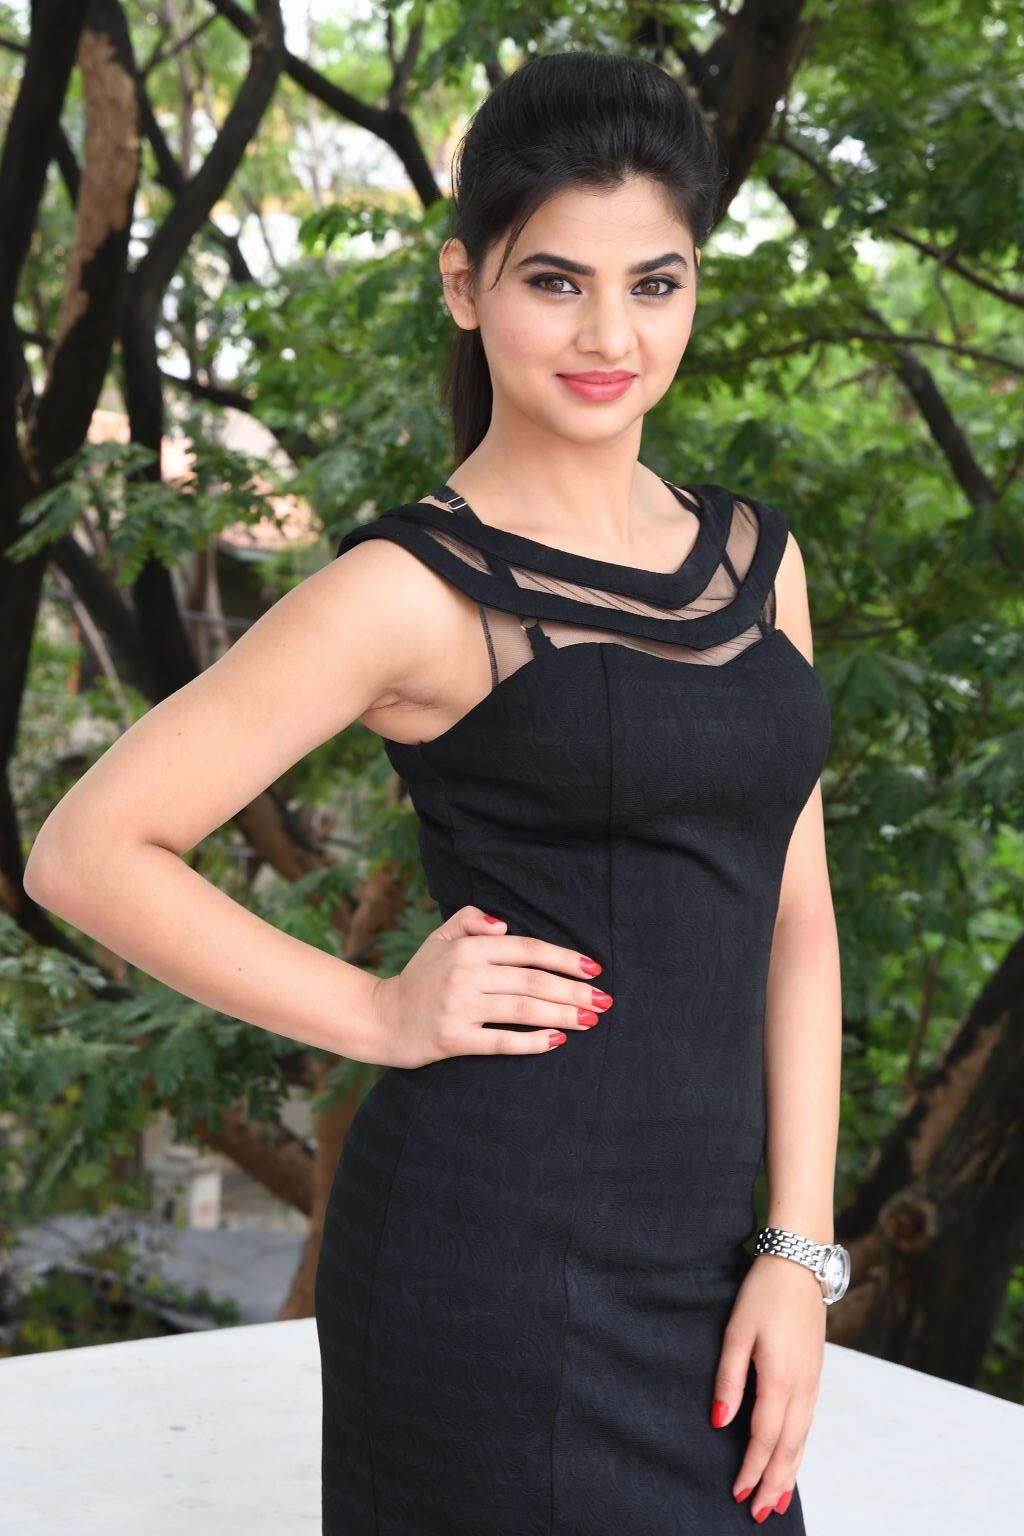 kamna ranawat new glam pics-HQ-Photo-31